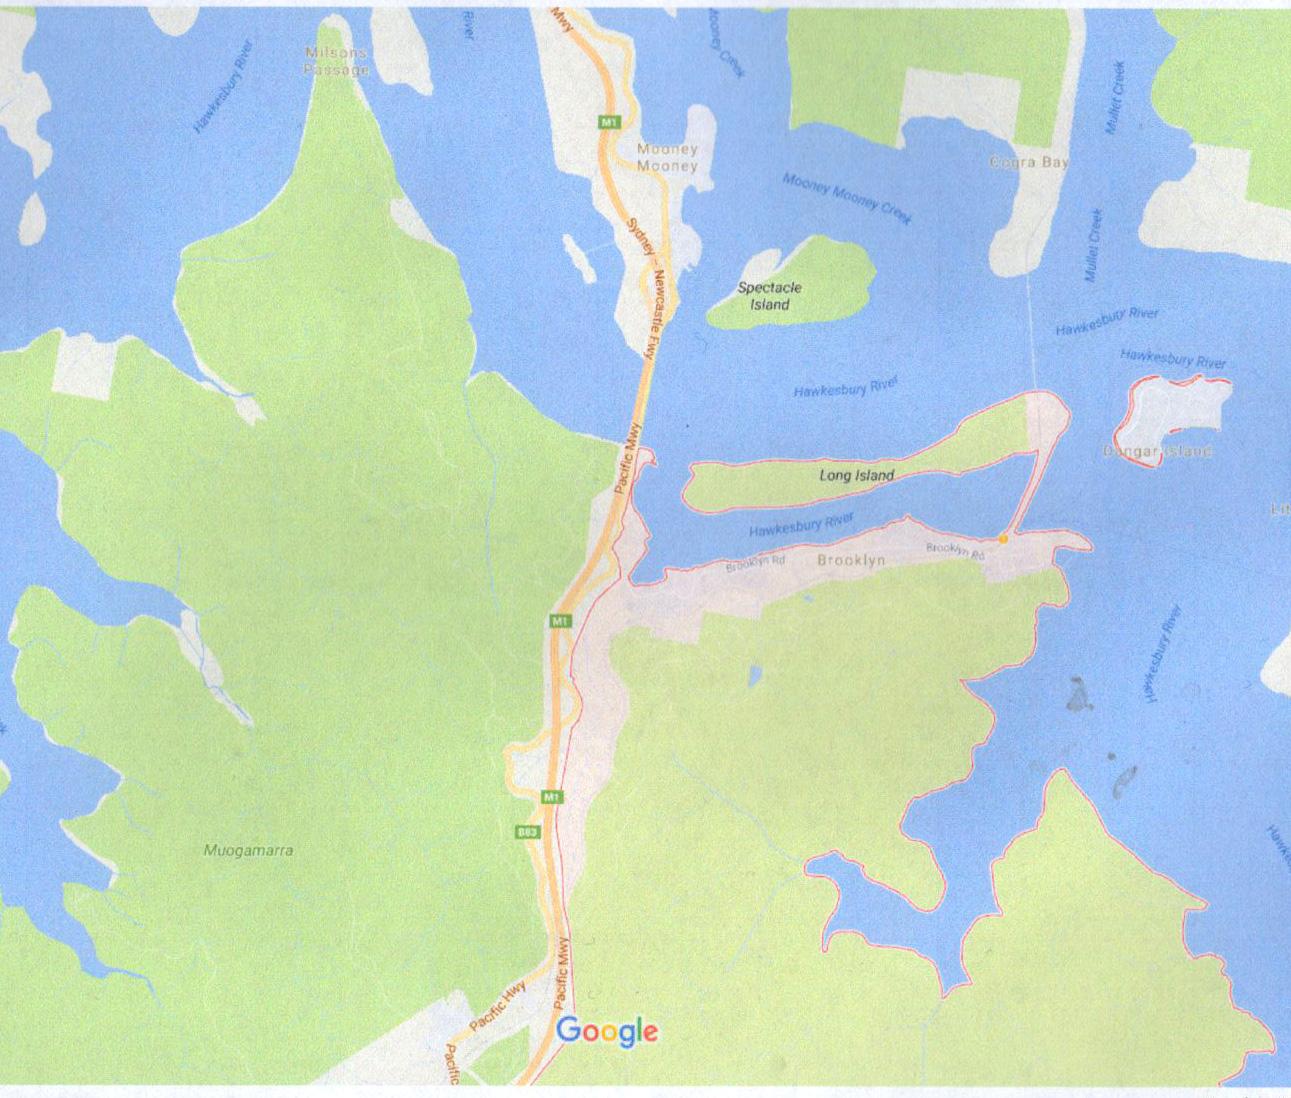 Brooklyn N.S.W. on the  M 1 50 km north of Sydney